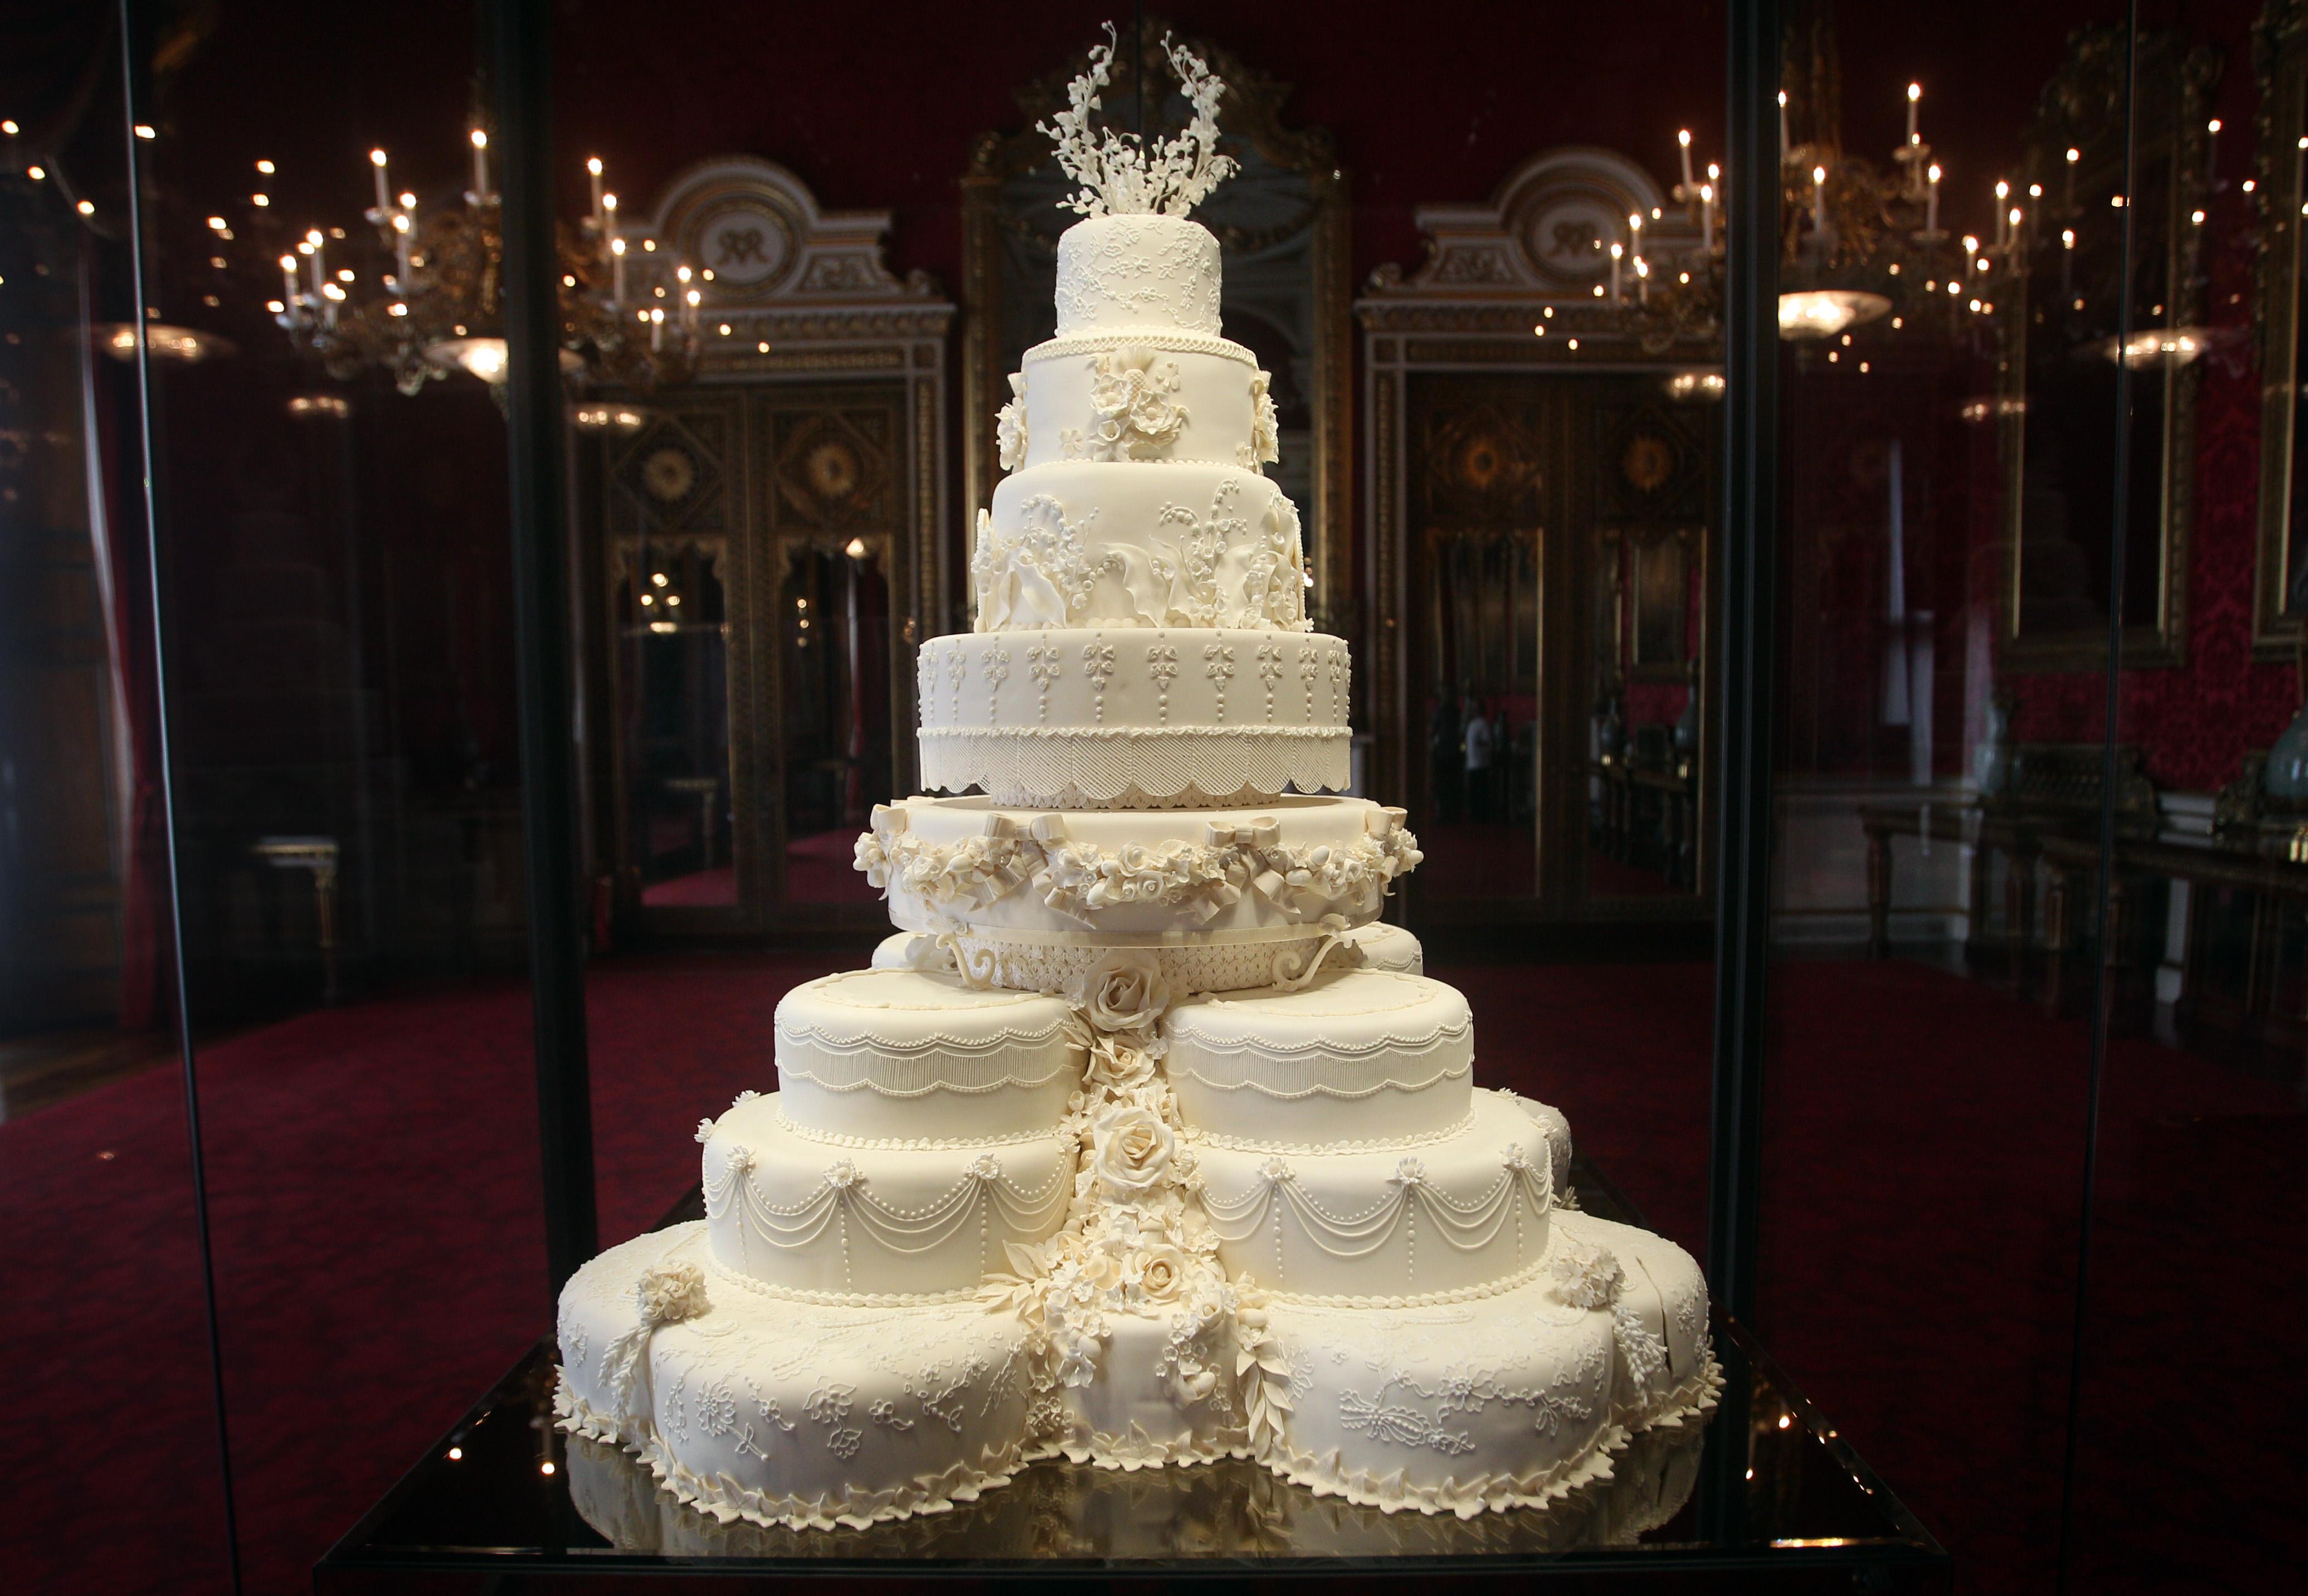 Katalin és Vilmos tortája ilyen volt